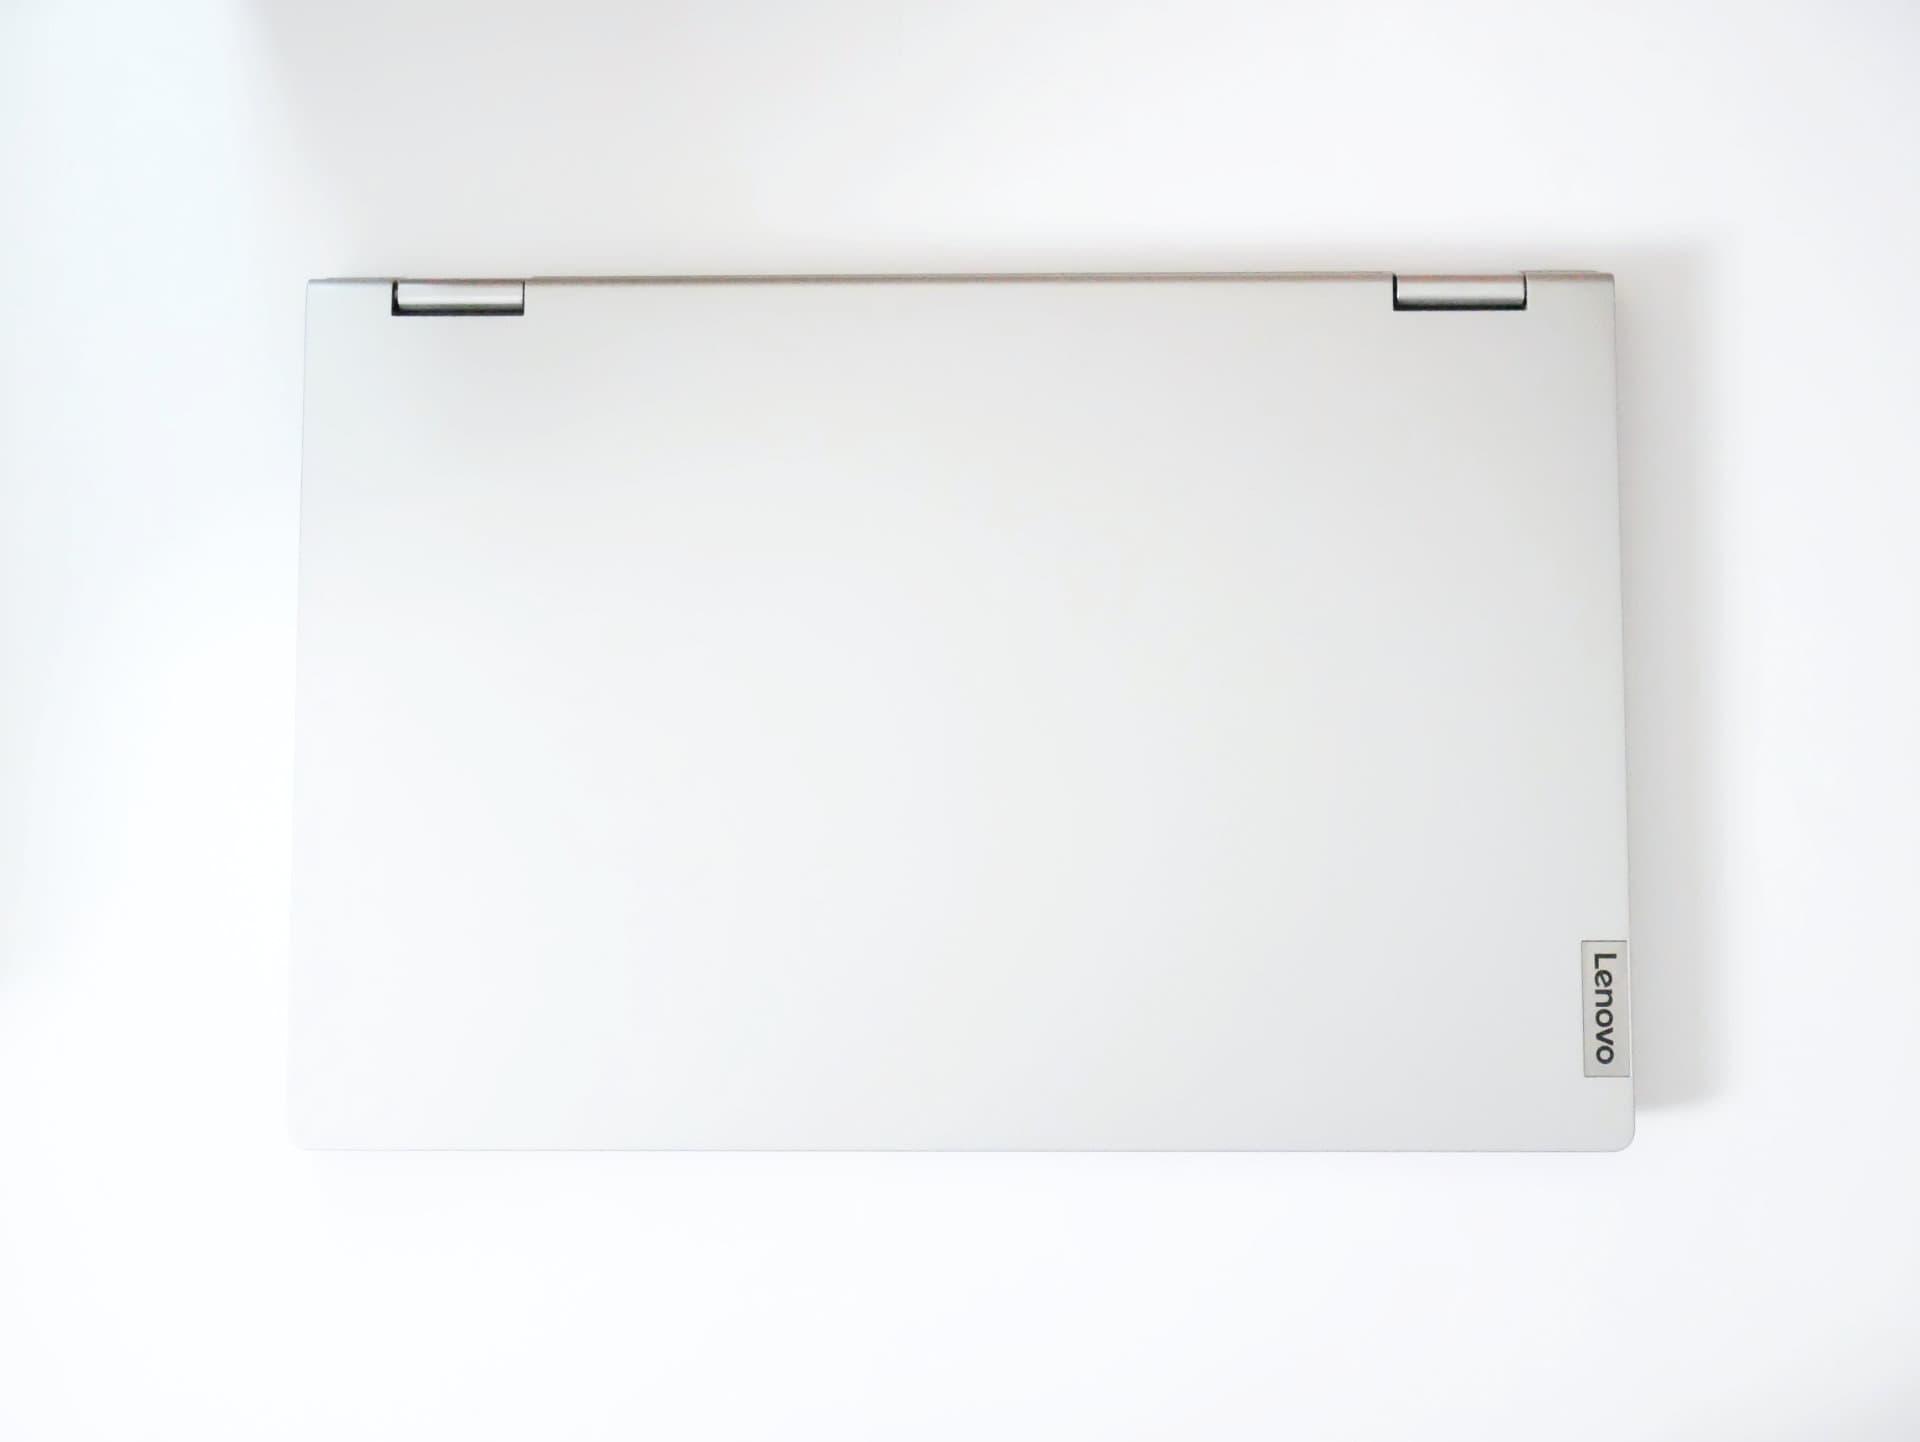 IdeaPad Flex 550 プラチナグレー